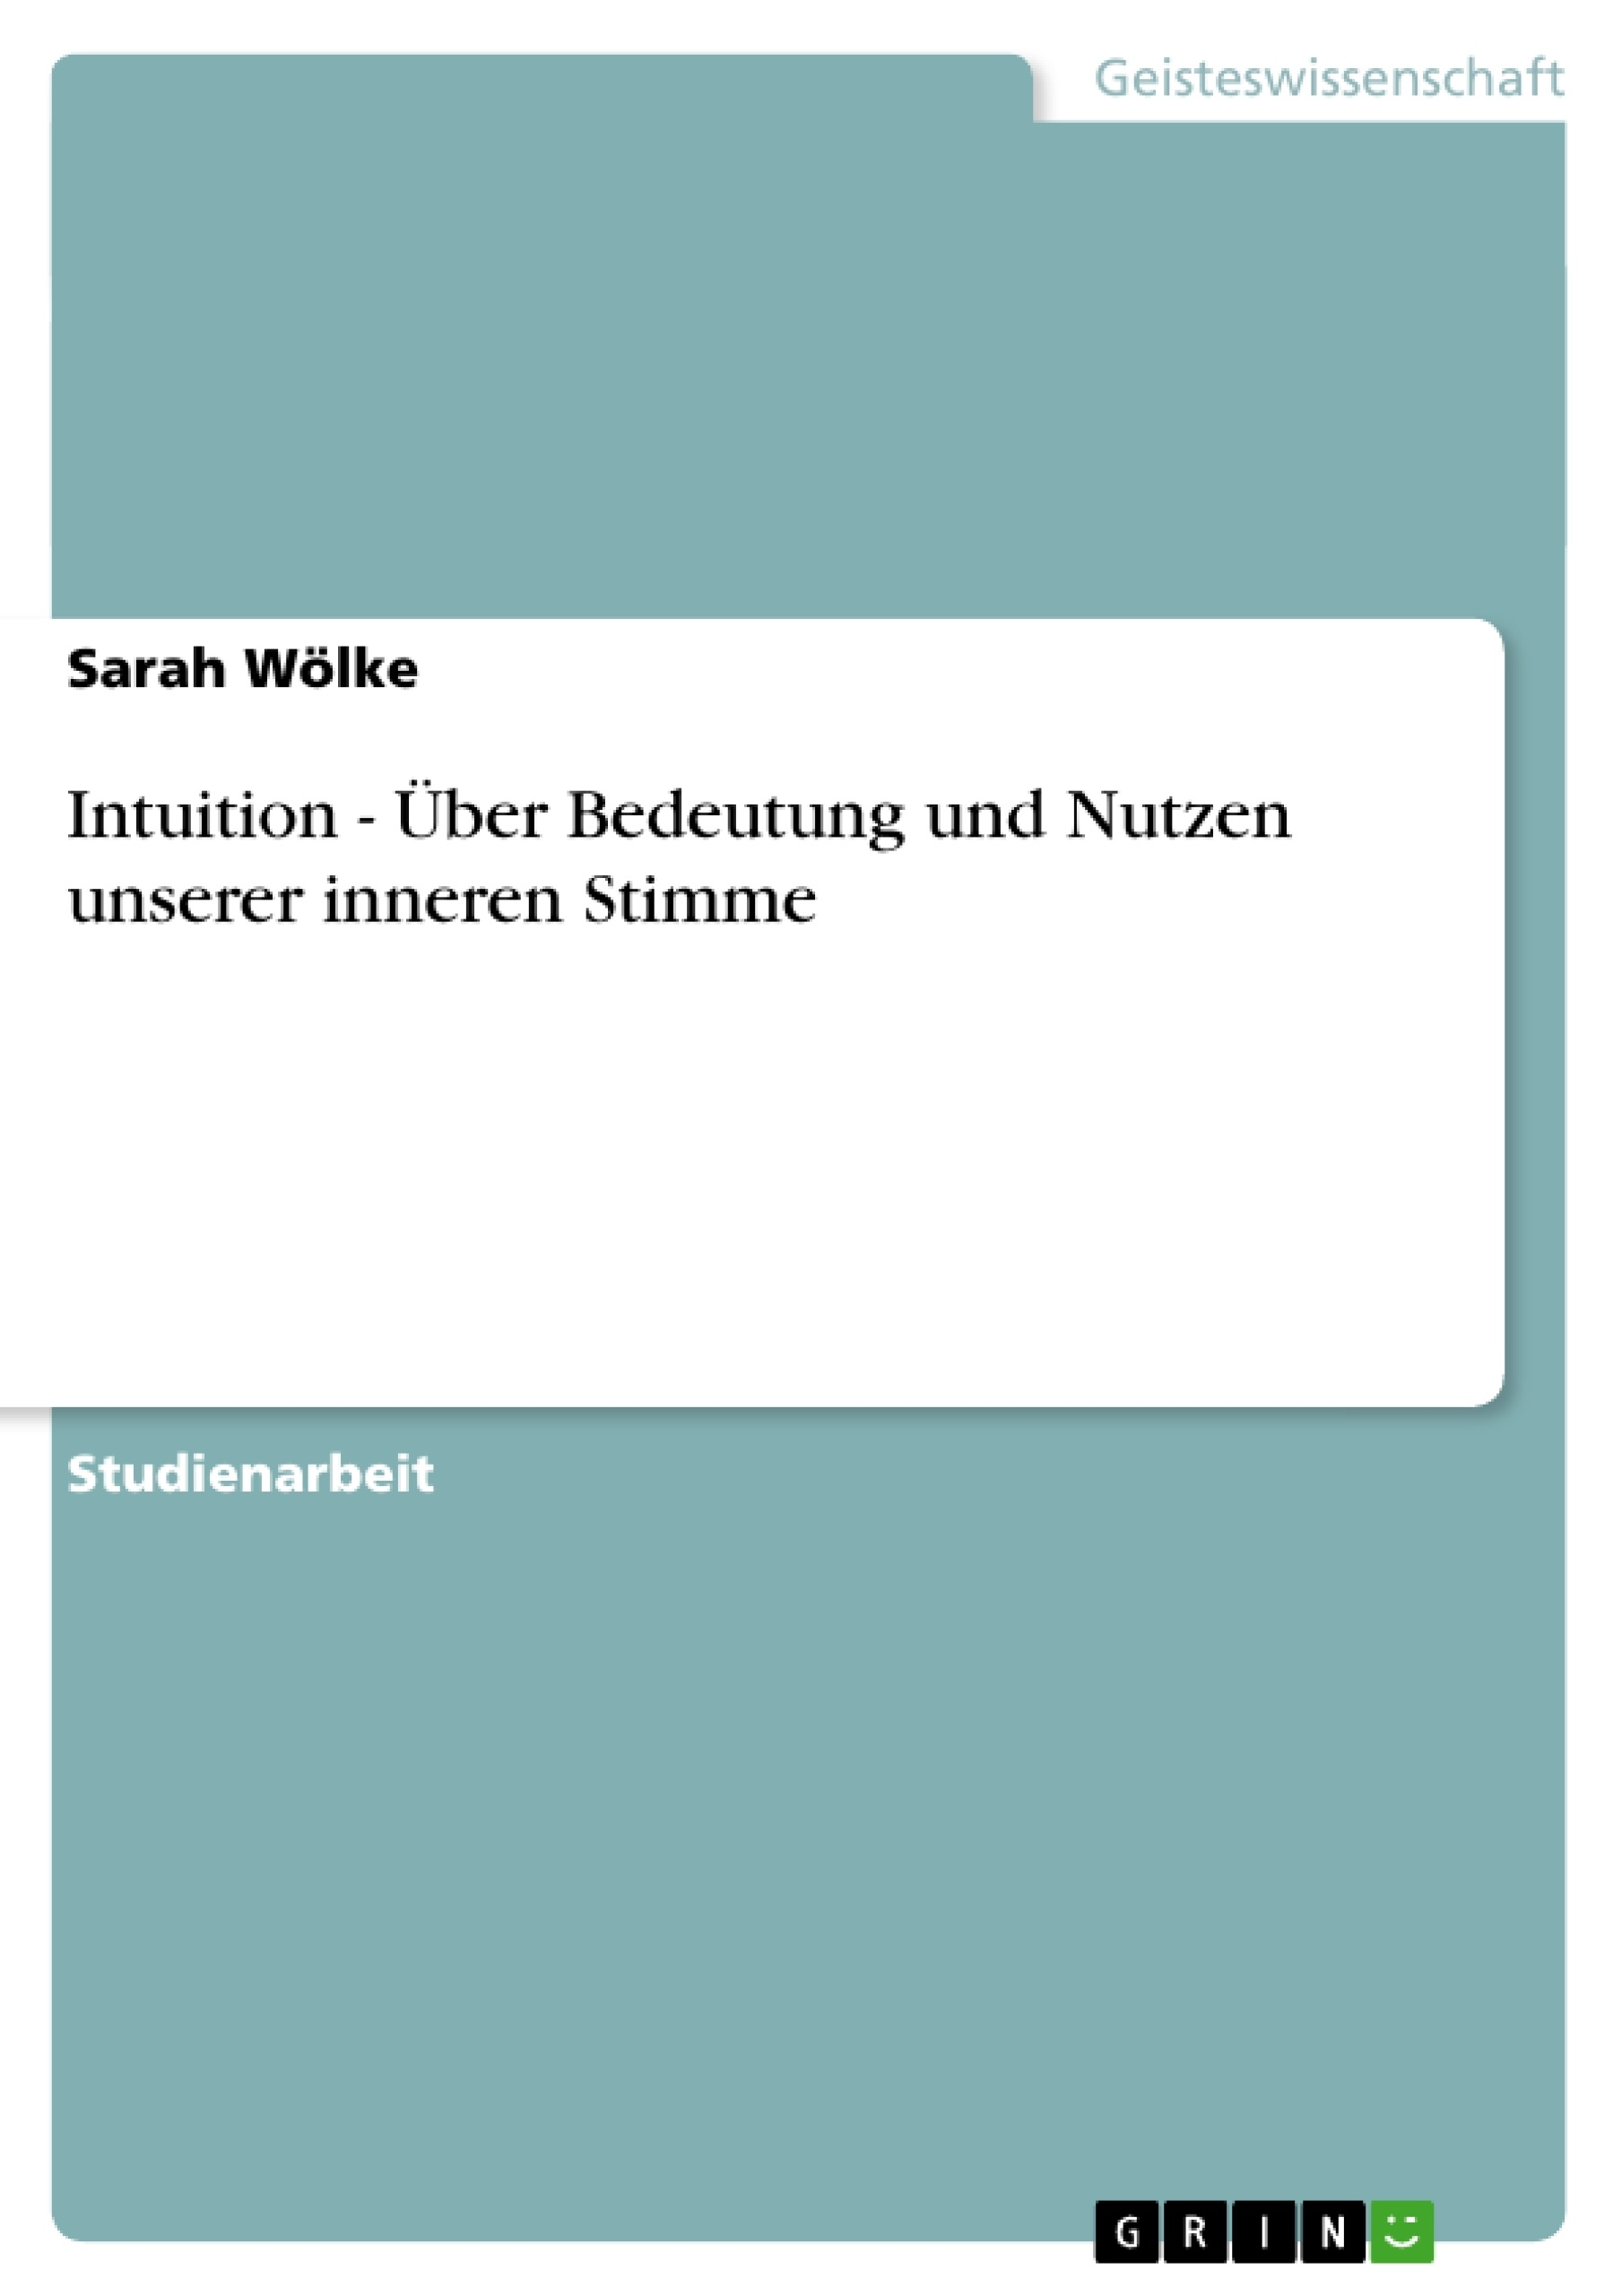 Titel: Intuition - Über Bedeutung und Nutzen unserer inneren Stimme